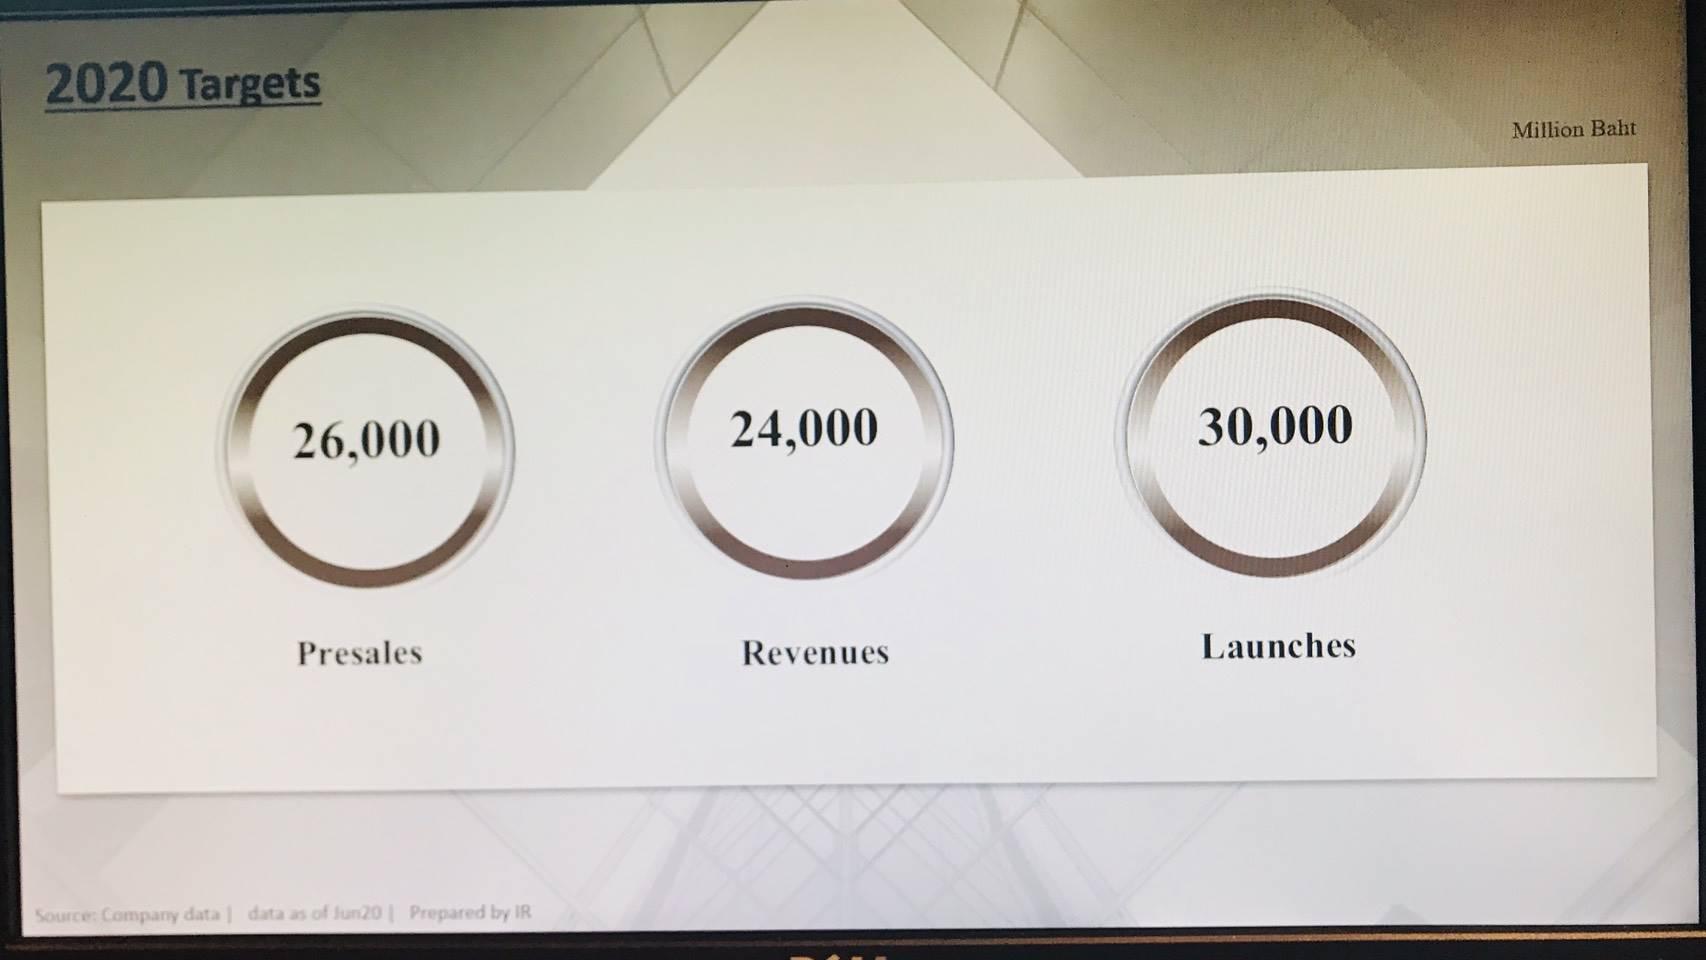 SPALIหวั่นโควิด19ระบาดรอบ2 ยอดขายปี63 ส่อวูบ 23 พันล้าน | Prop2Morrow บ้าน คอนโด ข่าวอสังหาฯ